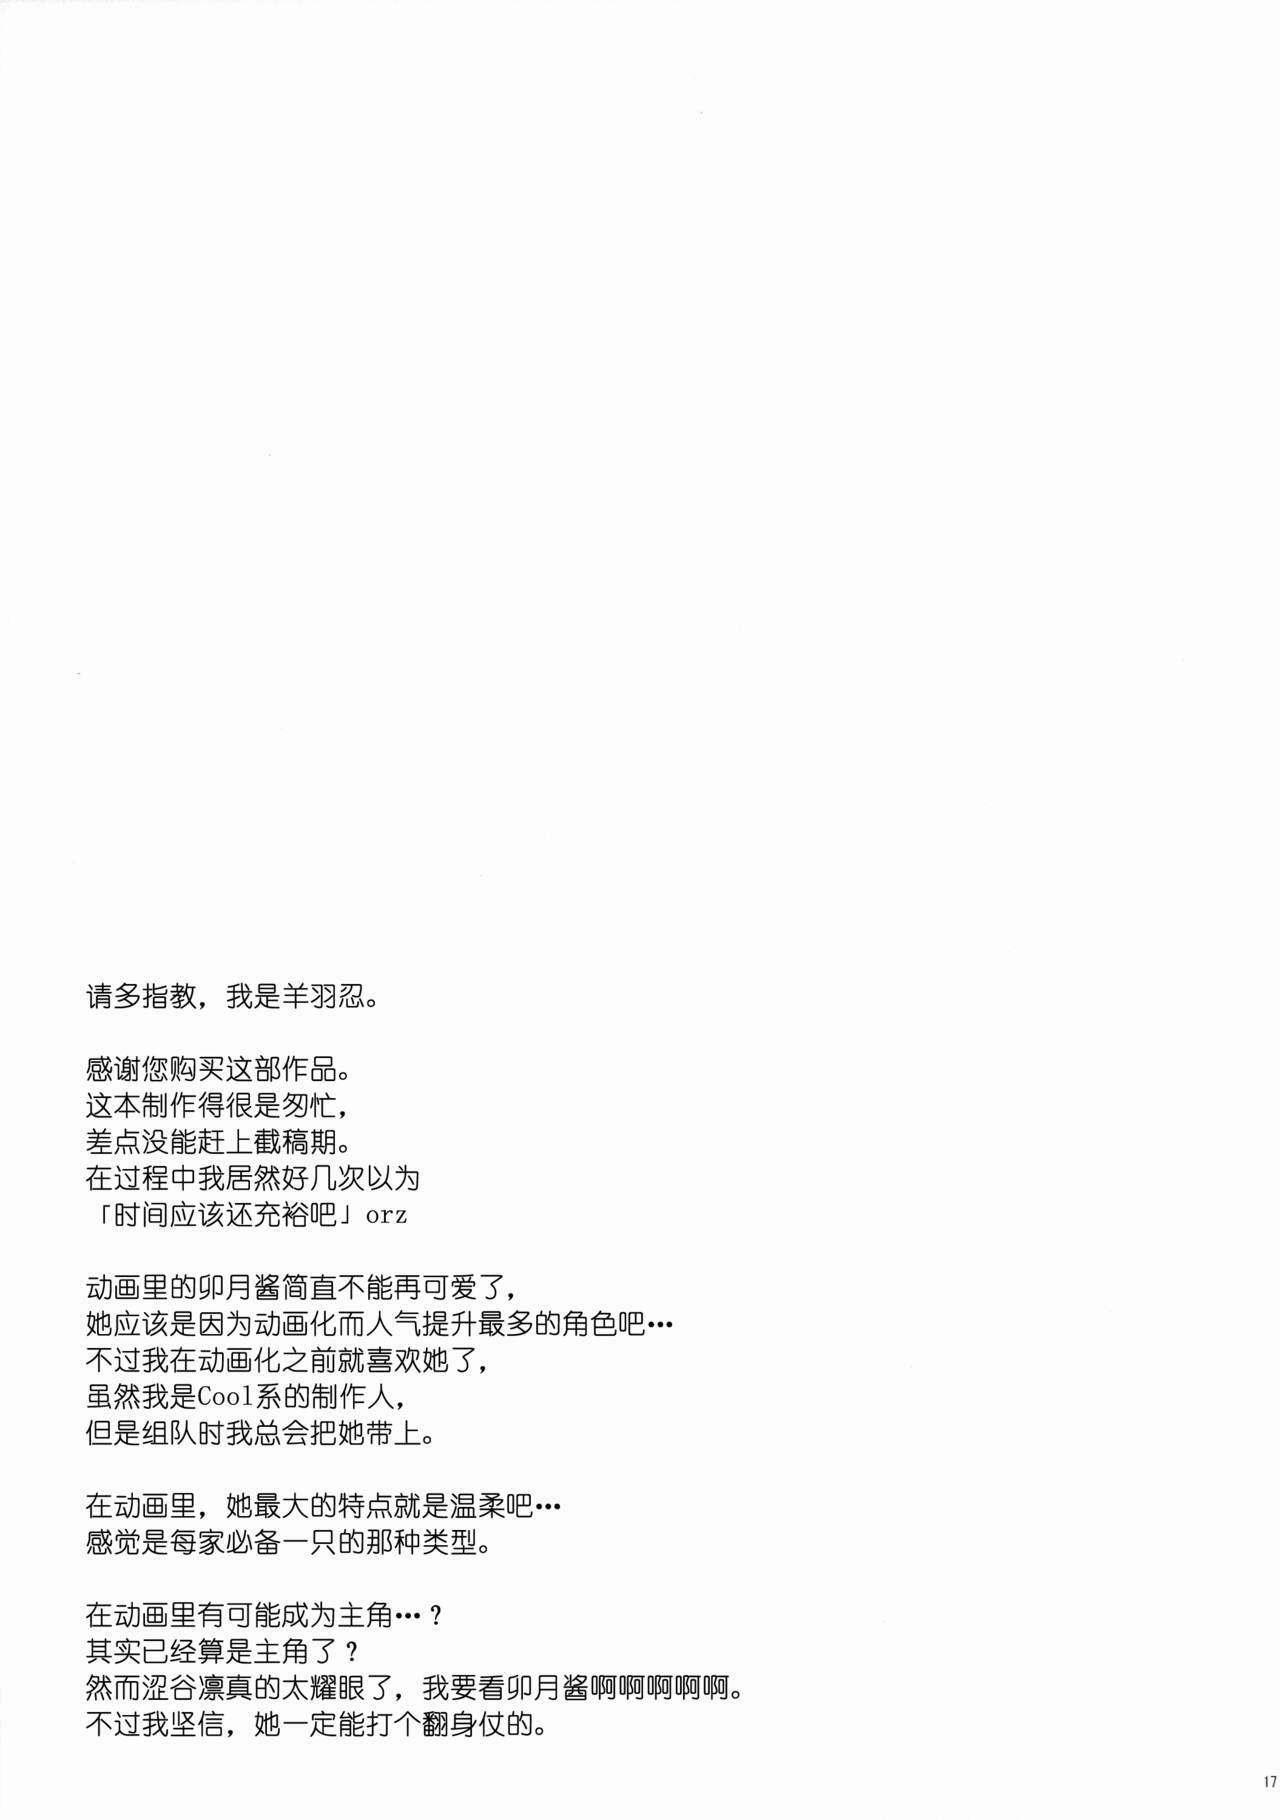 Uzuki no Uragawa 15